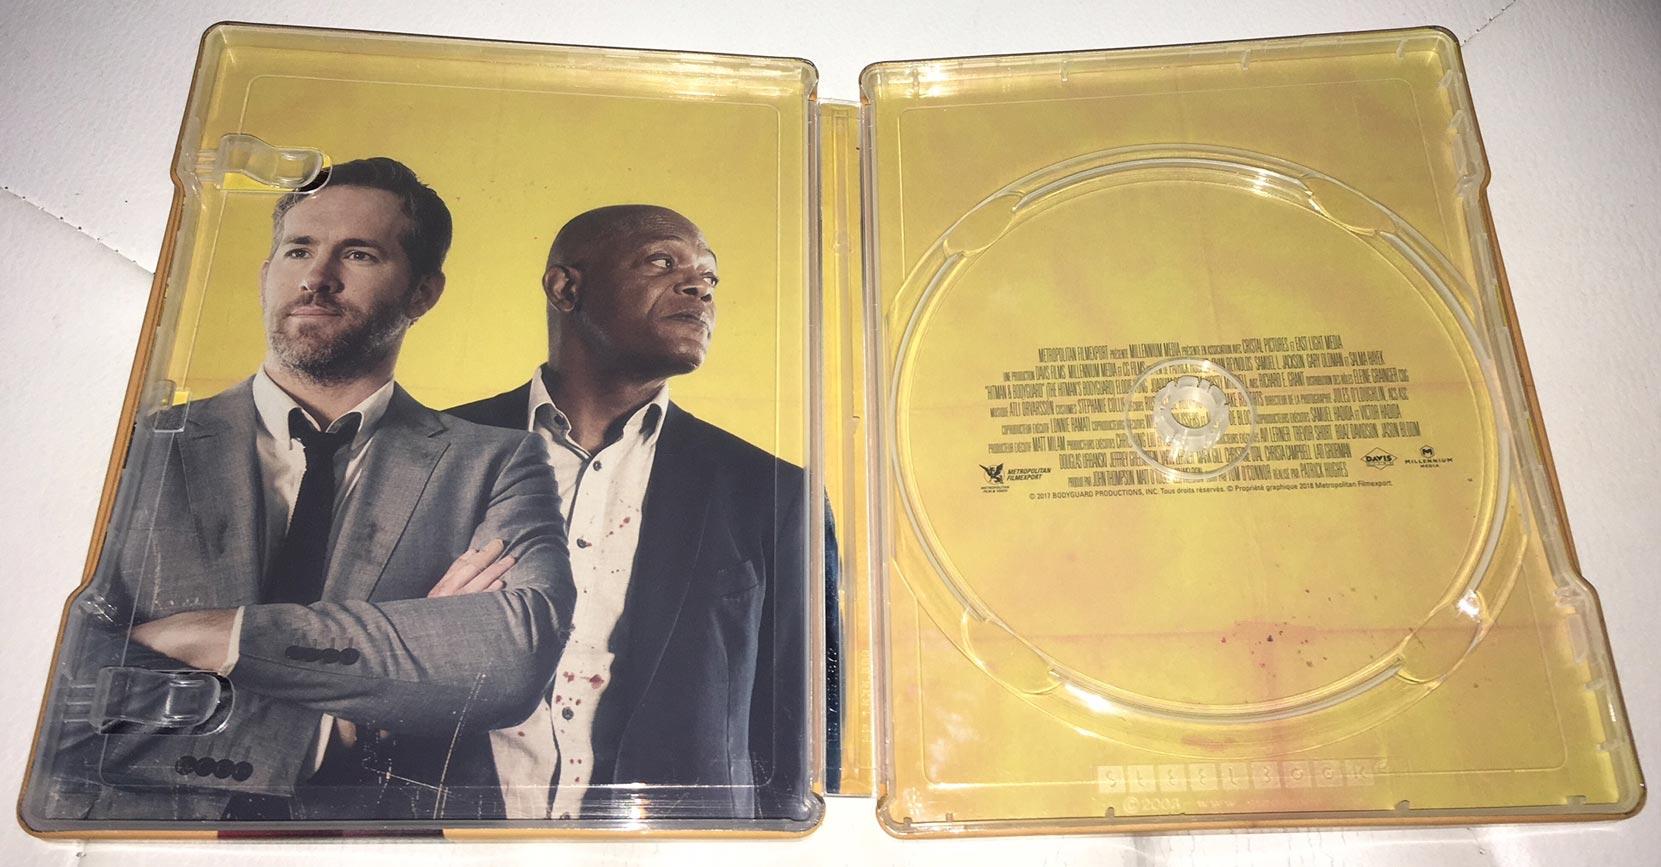 Hitman-&-Bodyguard-steelbook-2